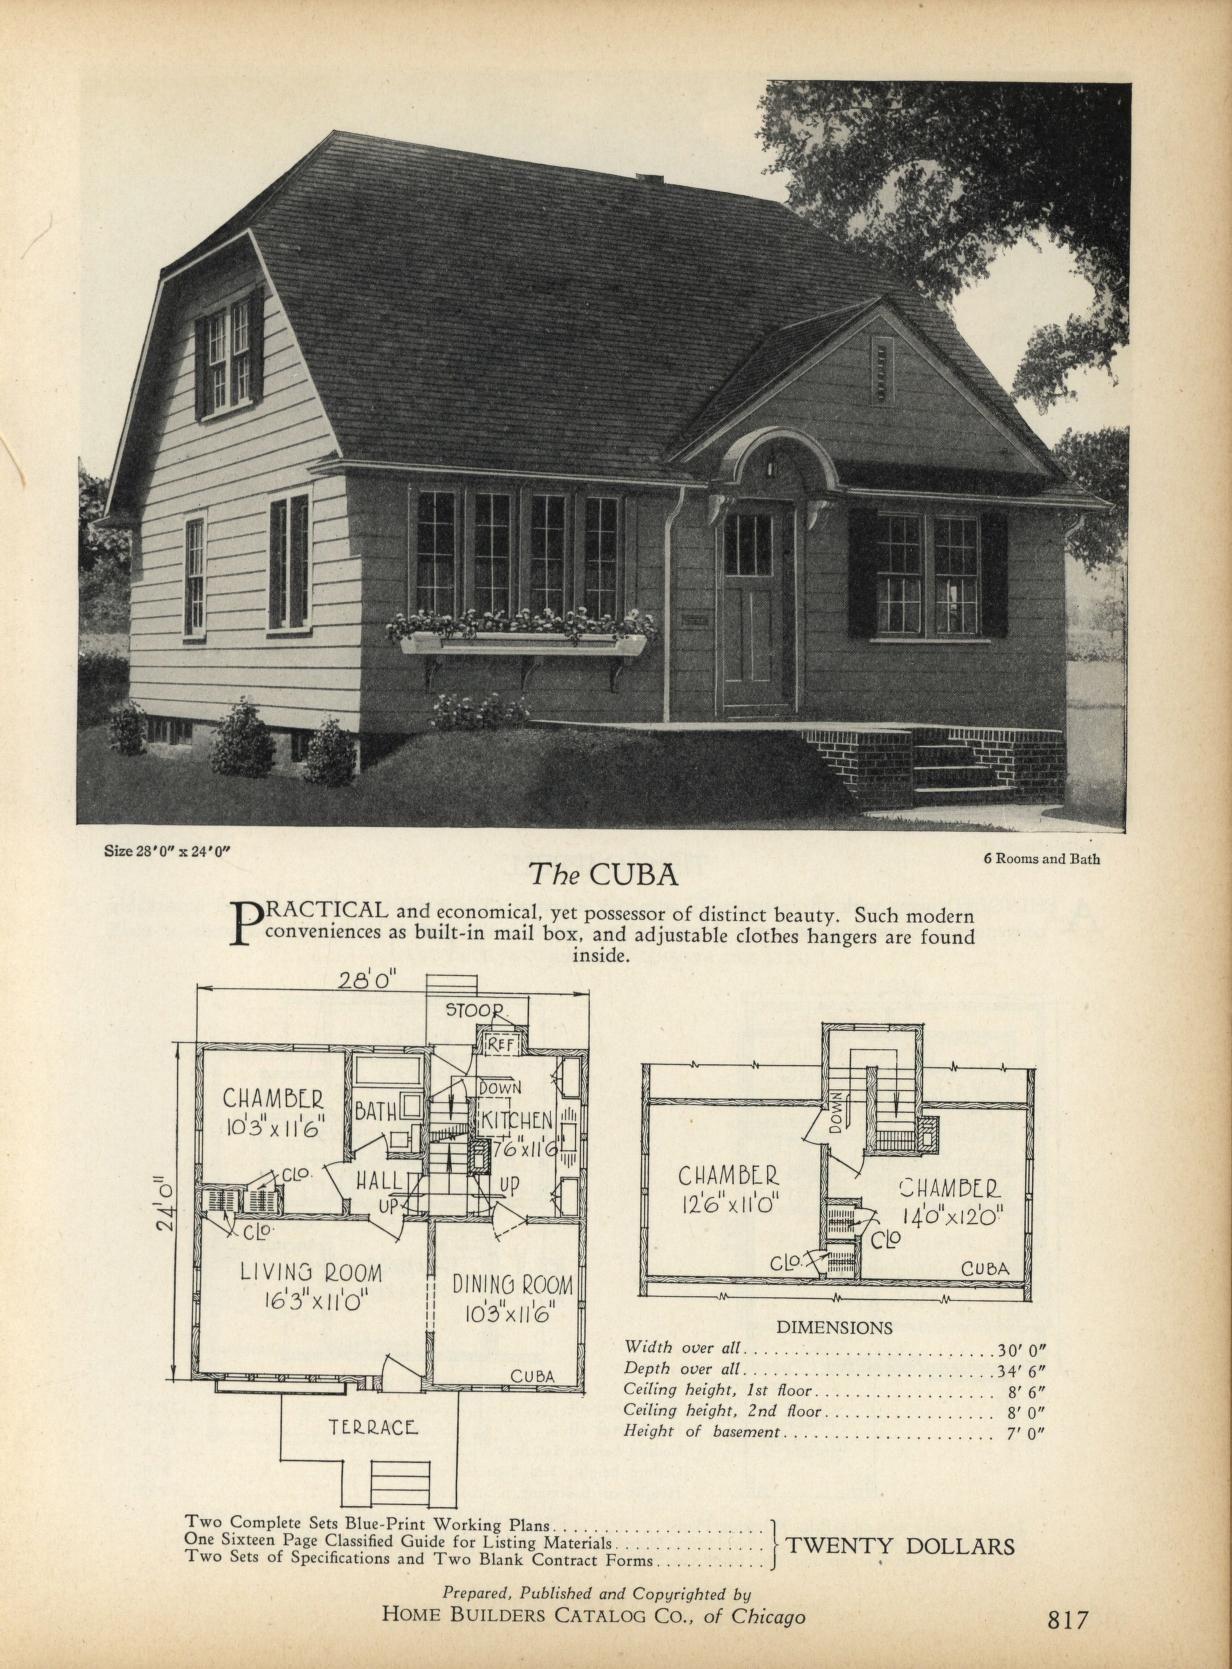 The CUBA Home Builders Catalog plans